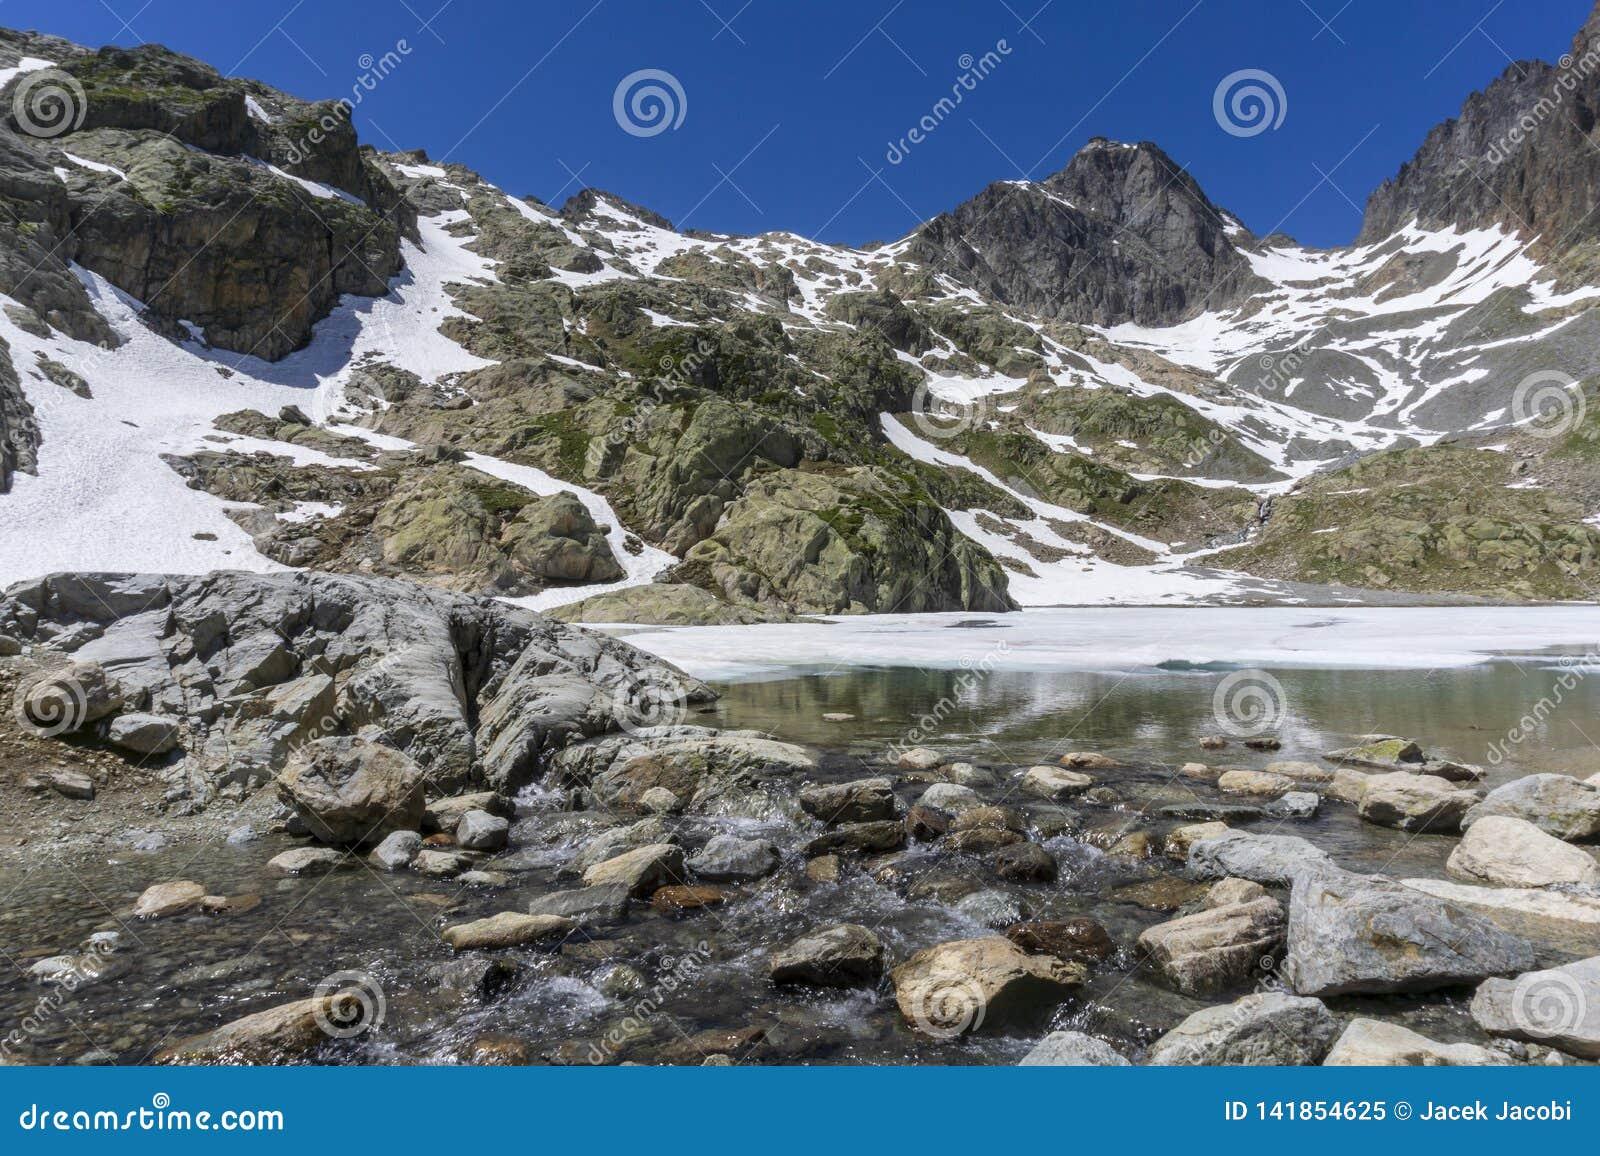 Laca Blanc del lago en el fondo del macizo de Mont Blanc montan@as